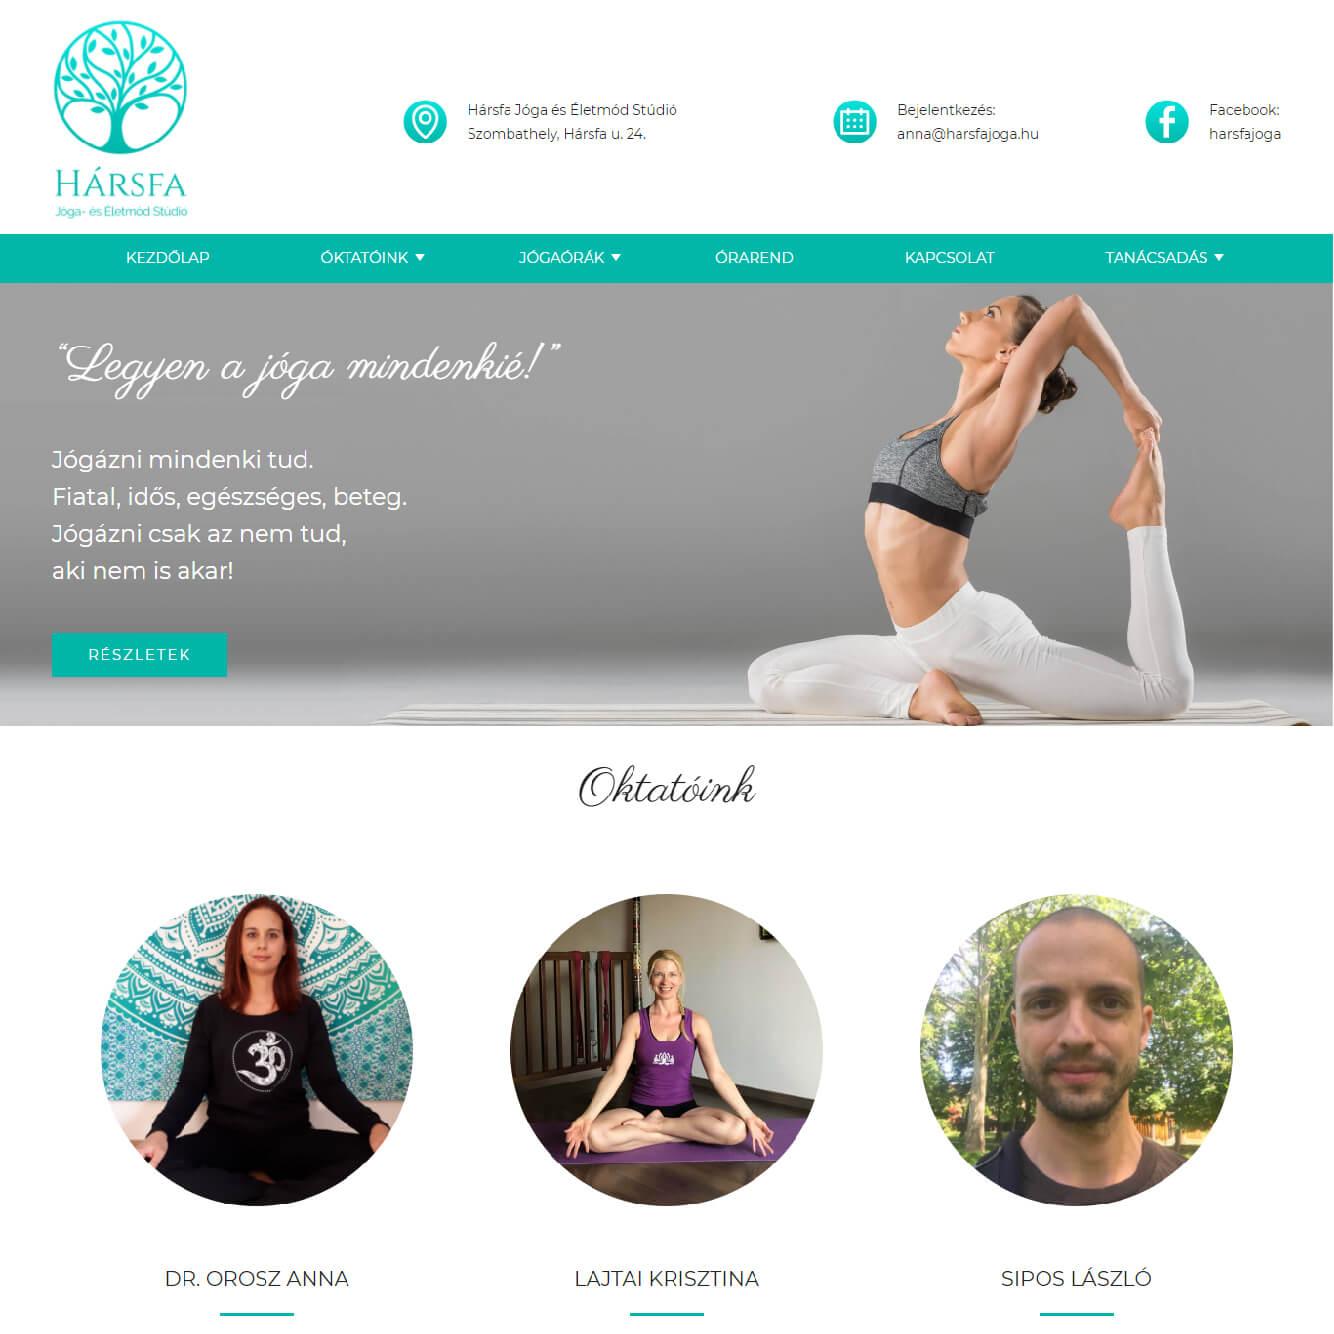 harsfajoga.hu webdesign tervezés, holnapkészítés